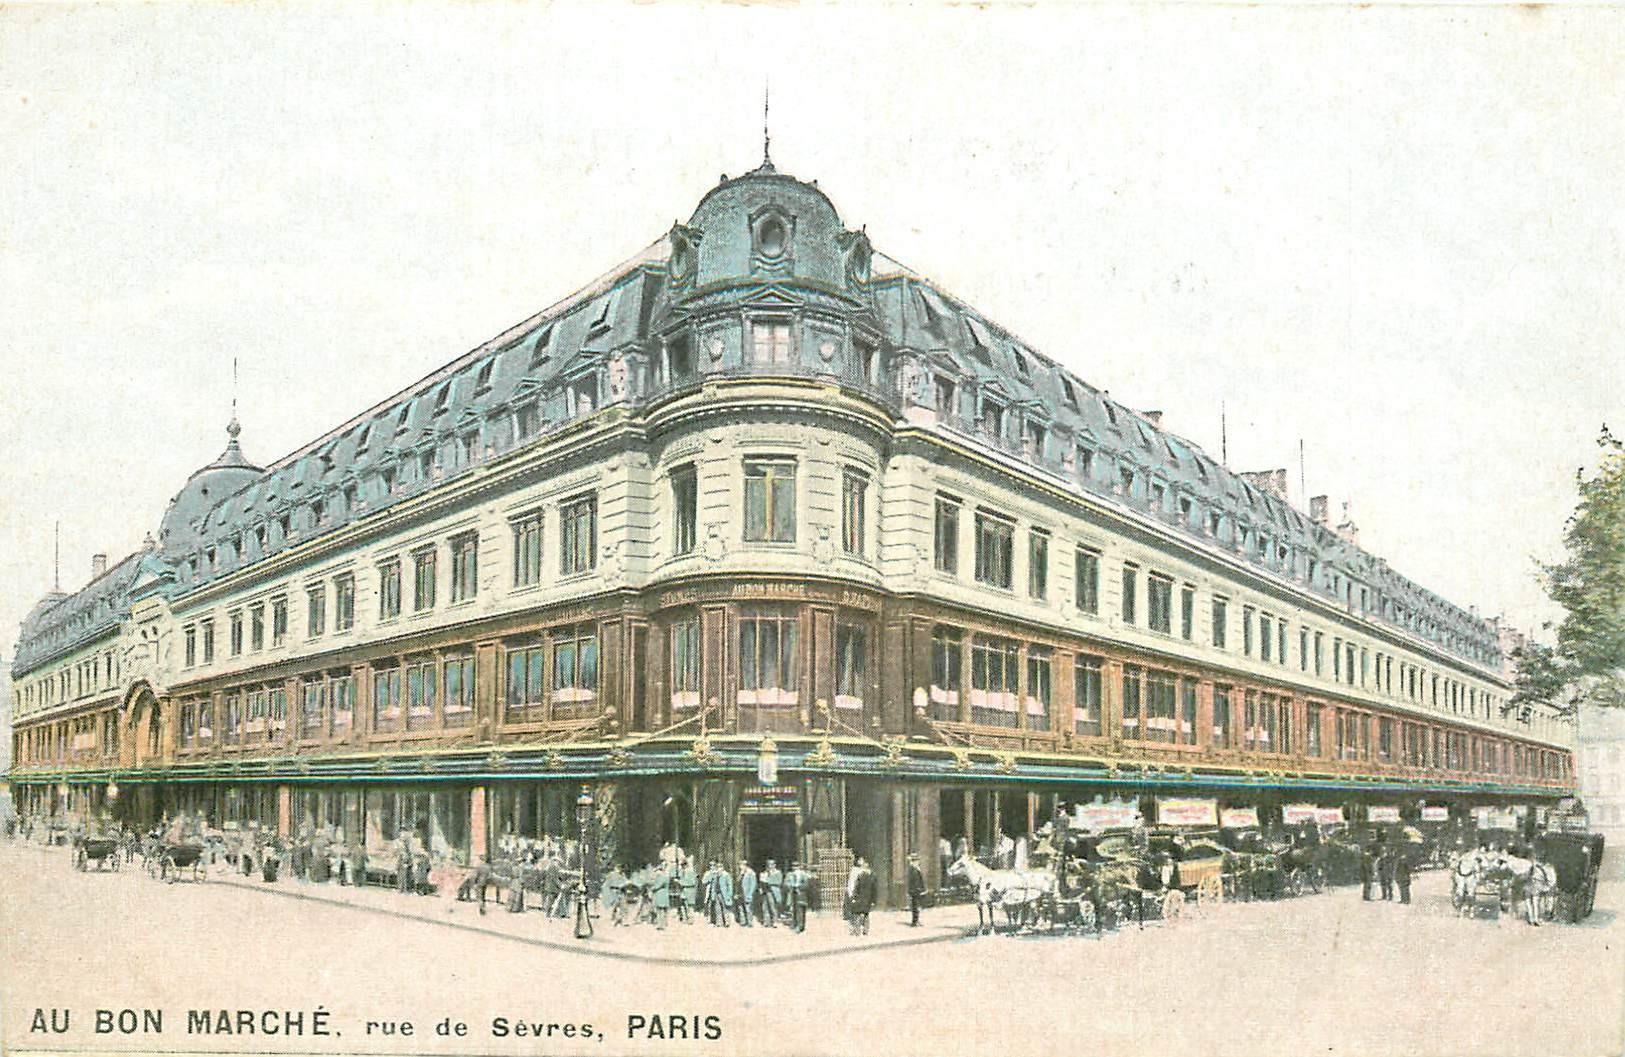 PARIS 07. Au Bon Marché rue de Sèvres vers 1900